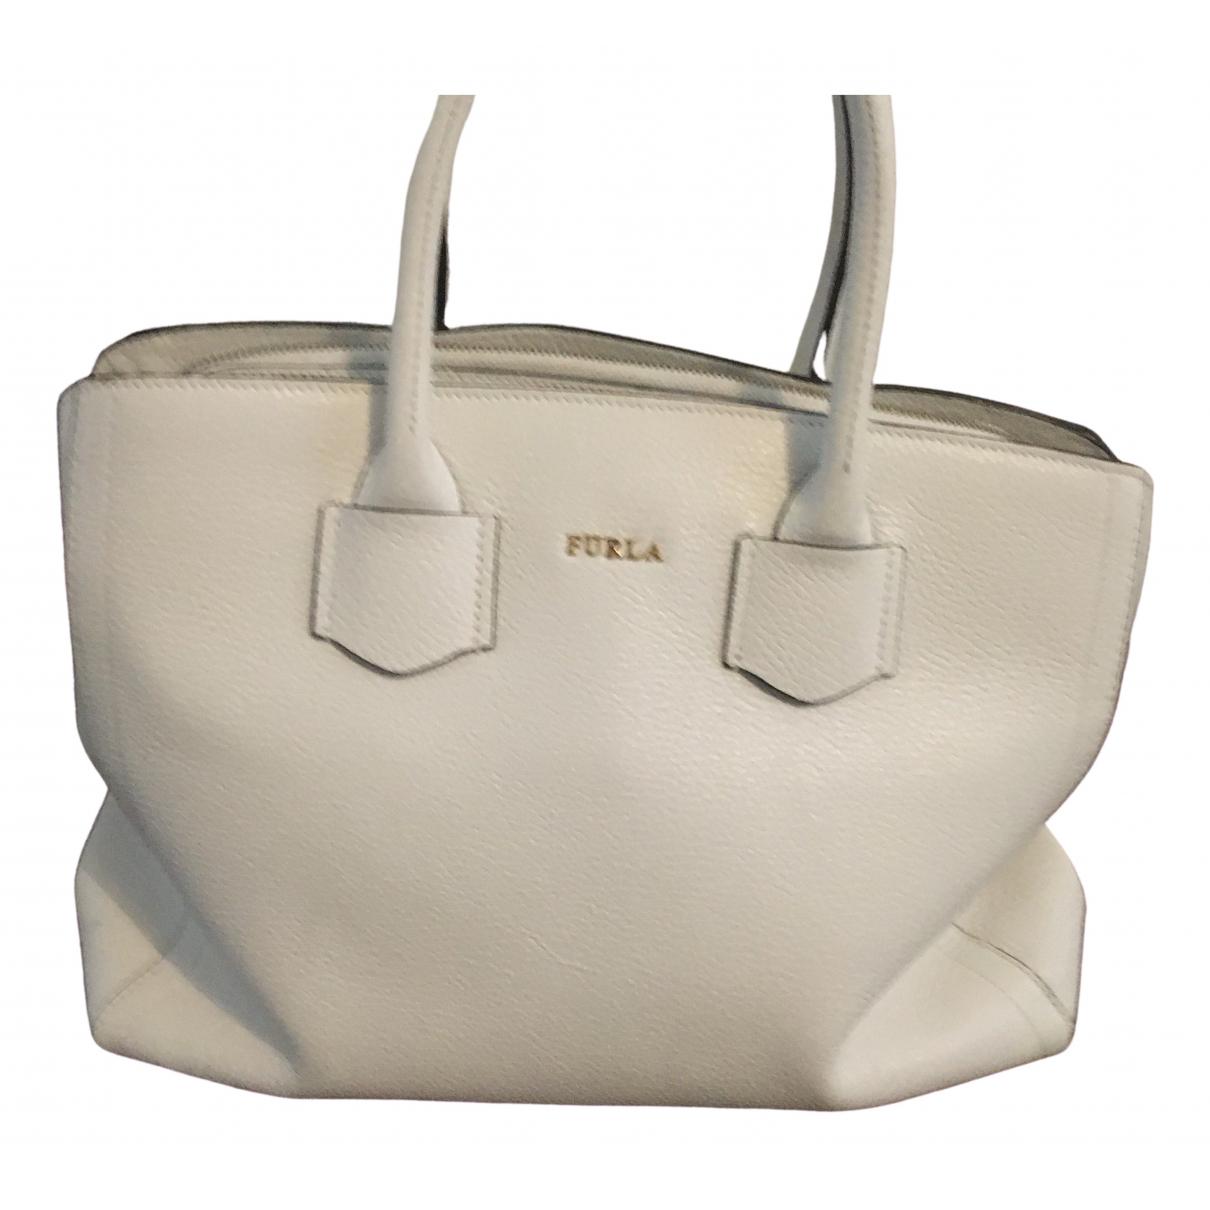 Furla \N White Leather handbag for Women \N